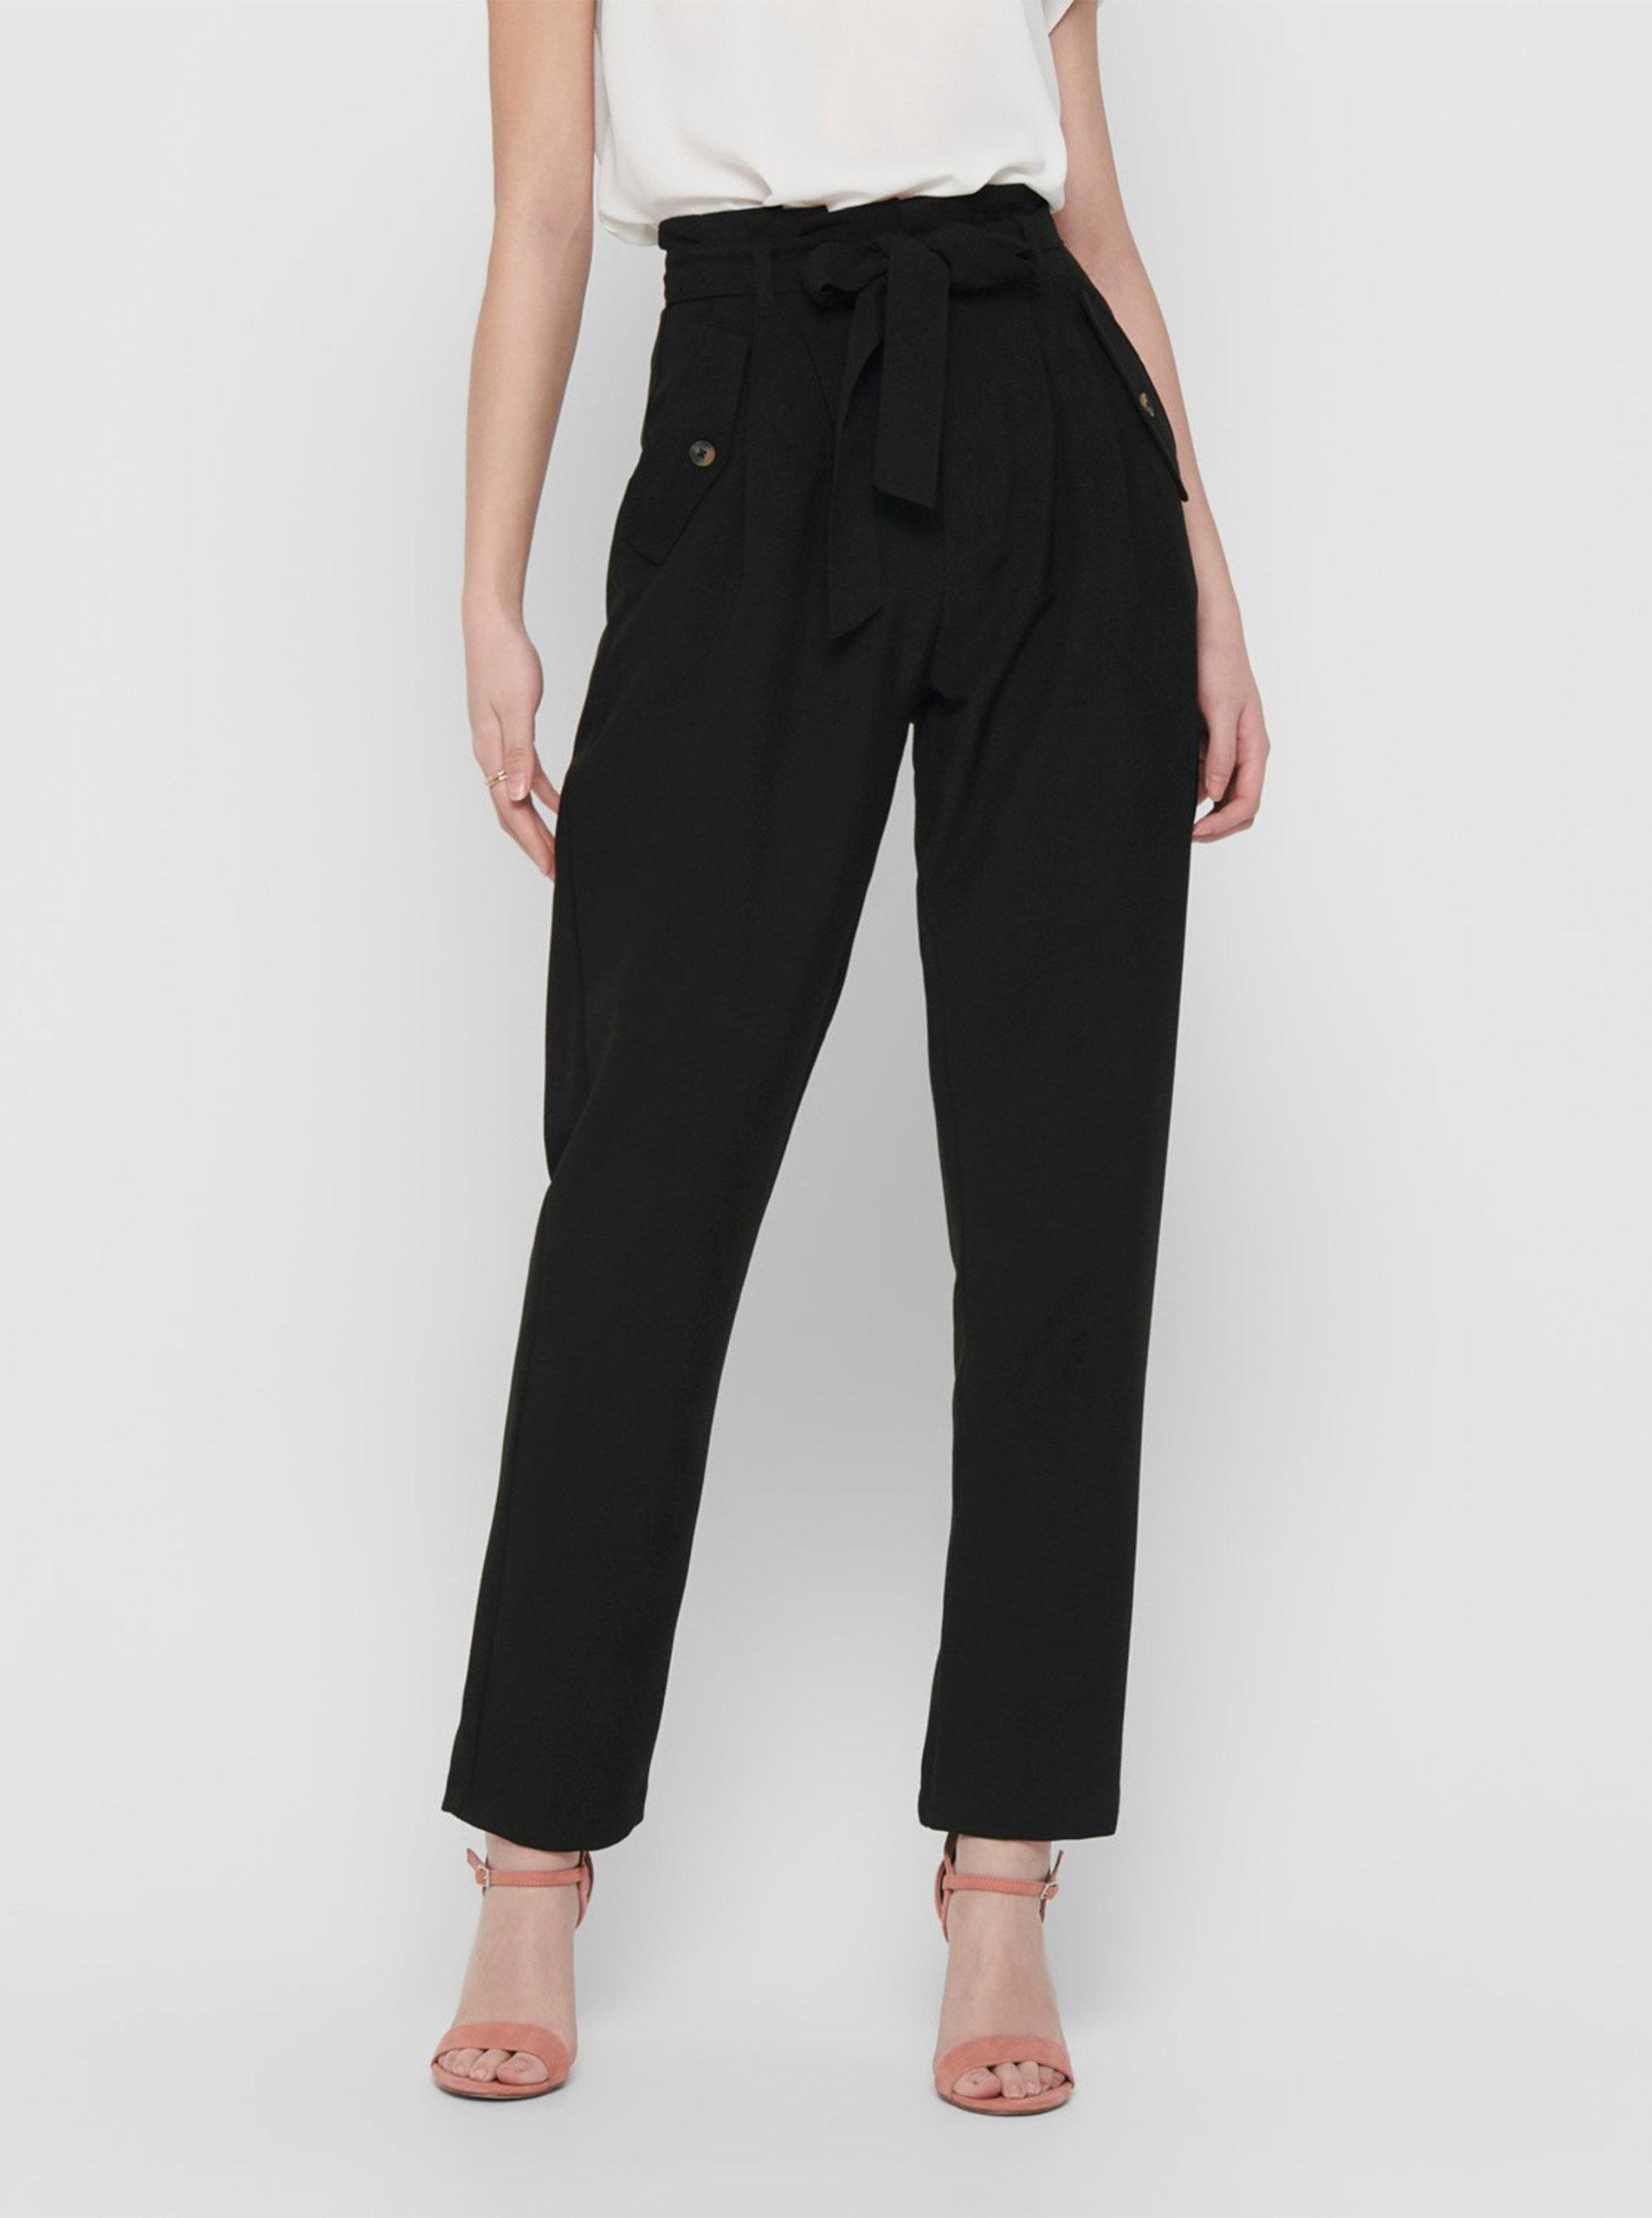 Černé kalhoty s kapsami Jacqueline de Yong Selma